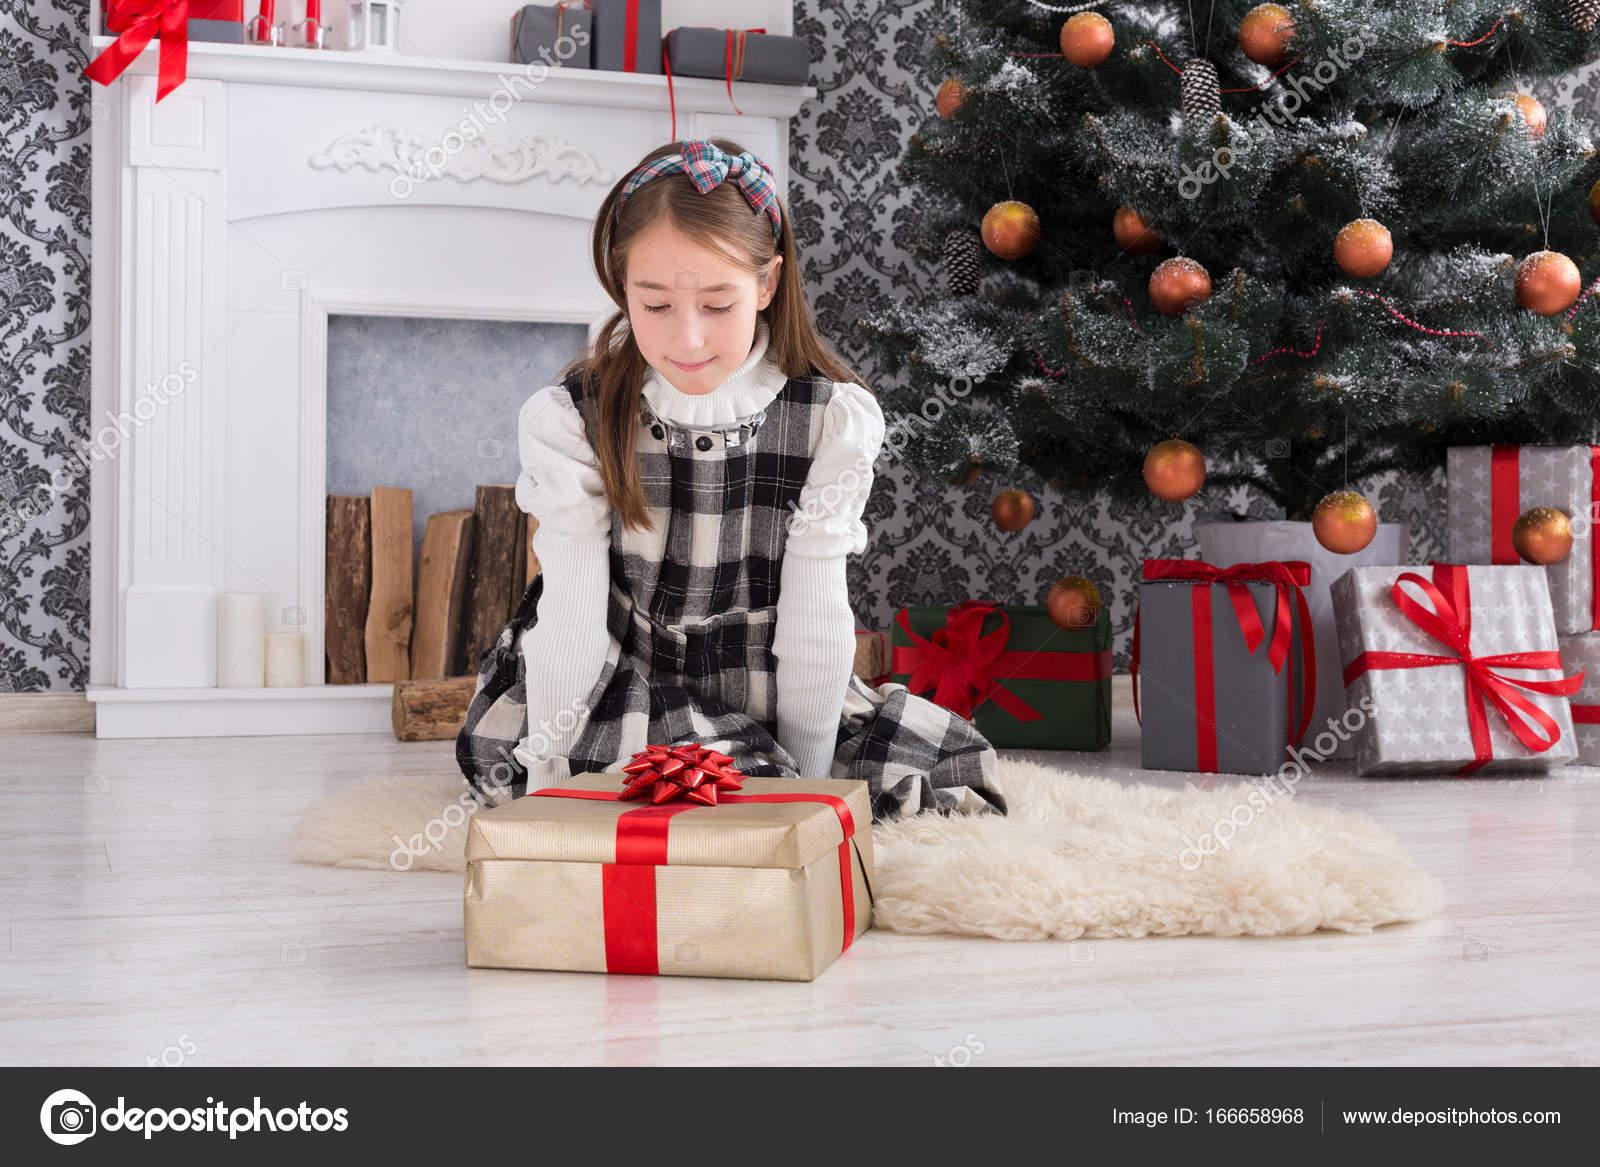 Mooi meisje uitpakken kerstcadeaus u2014 stockfoto © milkos #166658968